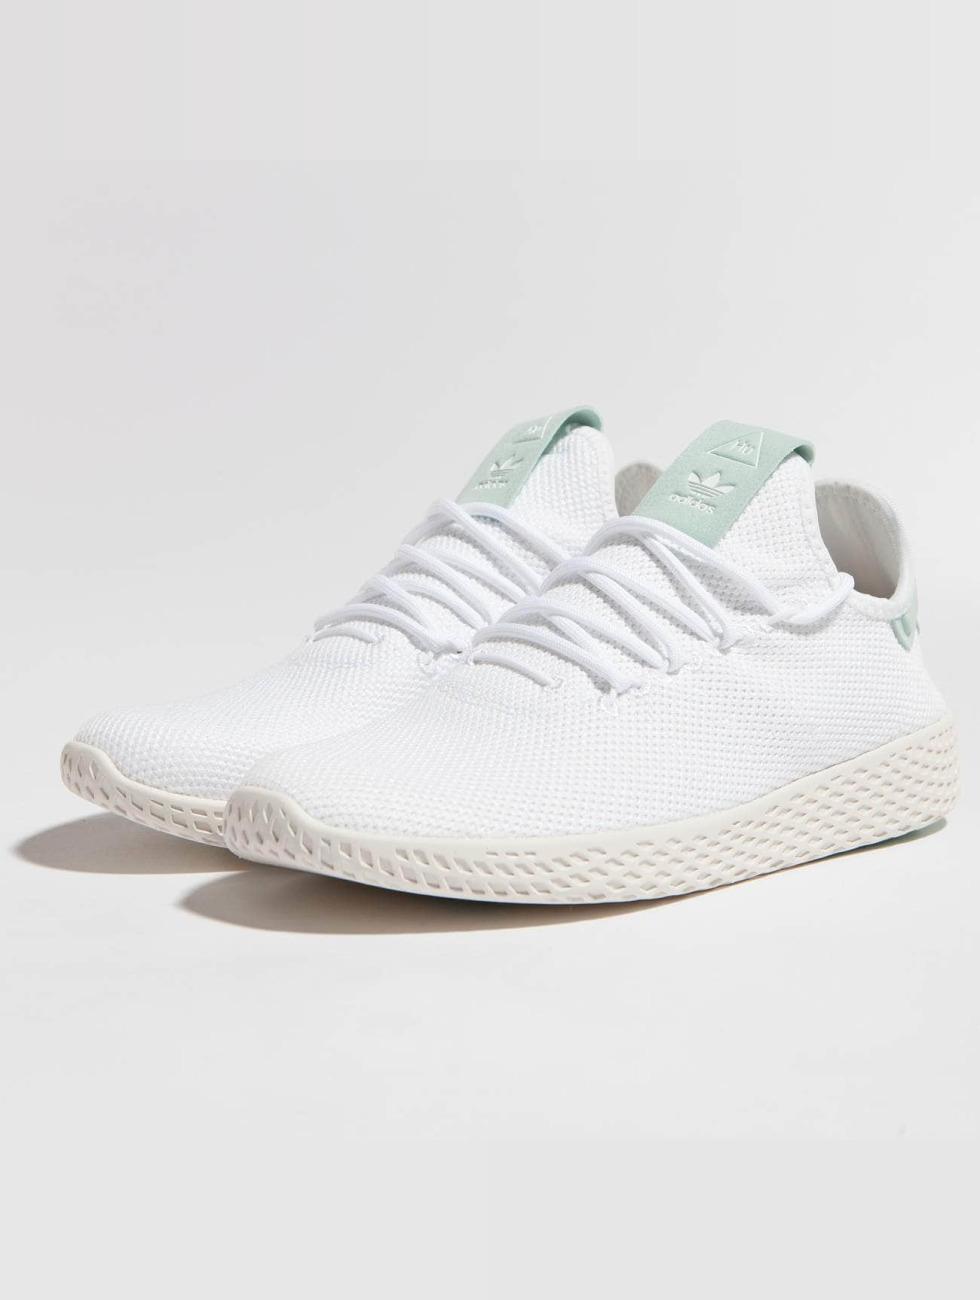 Adidas Originals Tennis De Pw Chaussures / Baskets Hu En Blanc 437 299 Large Gamme De Réduction Négligez Le Moins Cher lD0Ew3Q